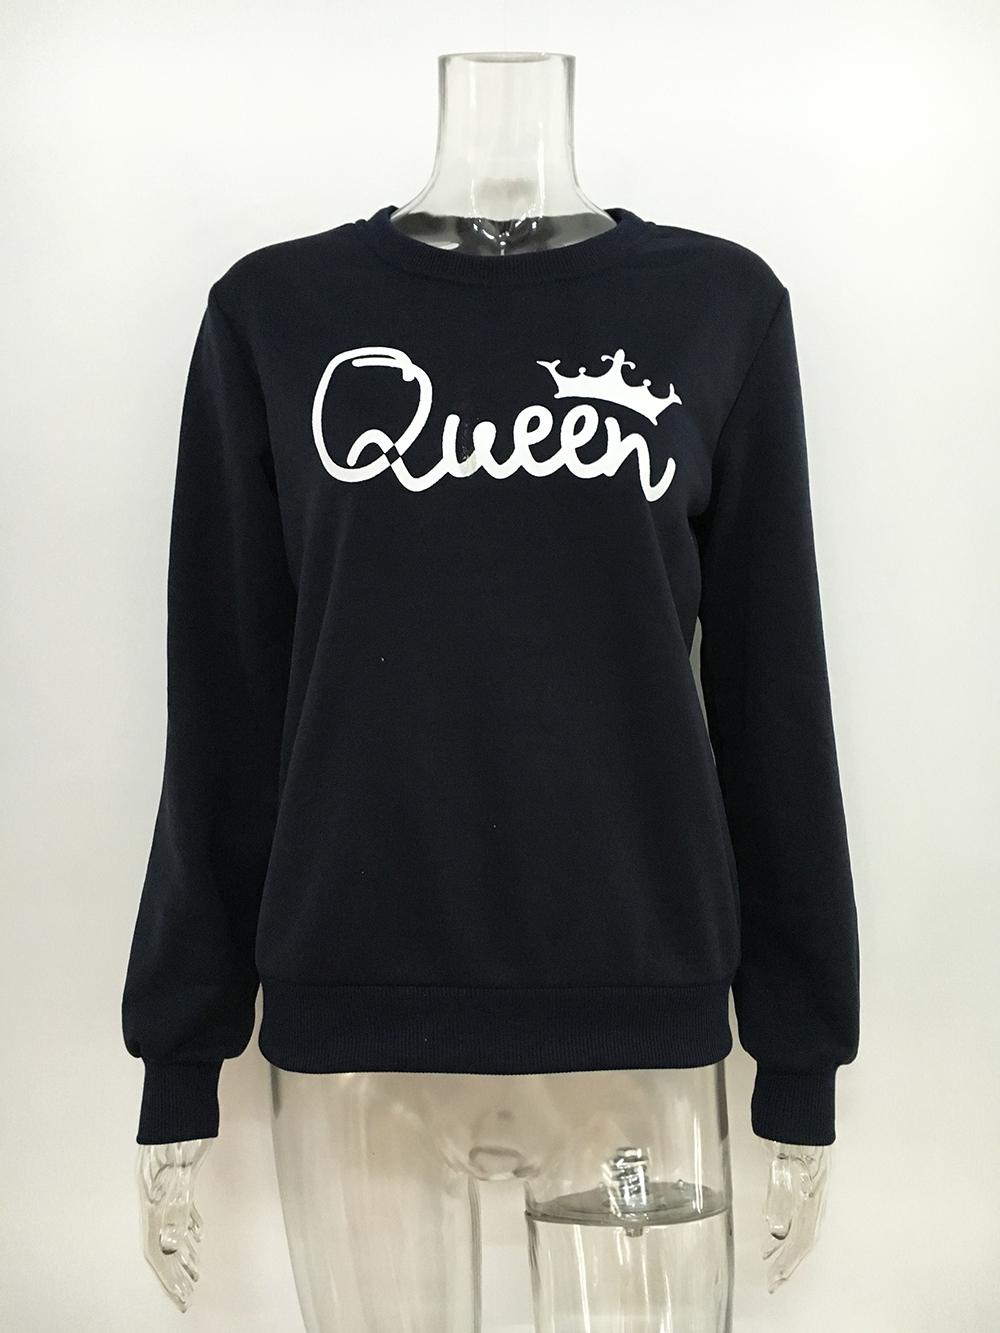 HTB1eOnrSXXXXXXlXpXXq6xXFXXXZ - Women's Hoodies Printed Queen Sweatshirt girlfriend gift ideas